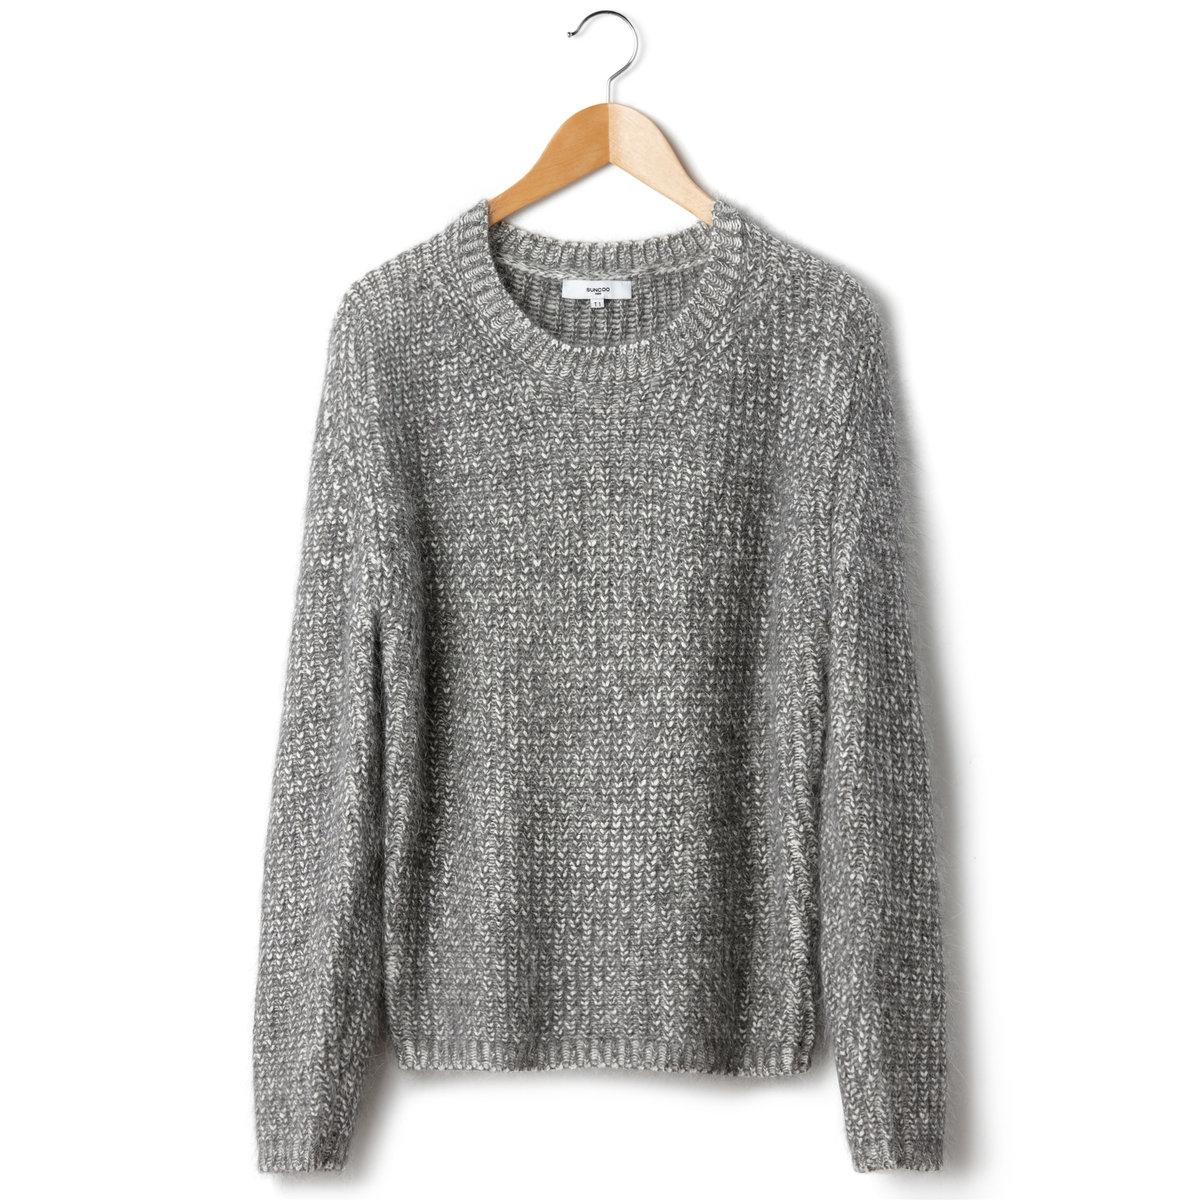 ПуловерПуловер SUNCOO. 22% шерсти альпаки, 54% акрила, 24% полиамида. Длинные рукава. Круглый вырез.<br><br>Цвет: серый меланж<br>Размер: 2(M)